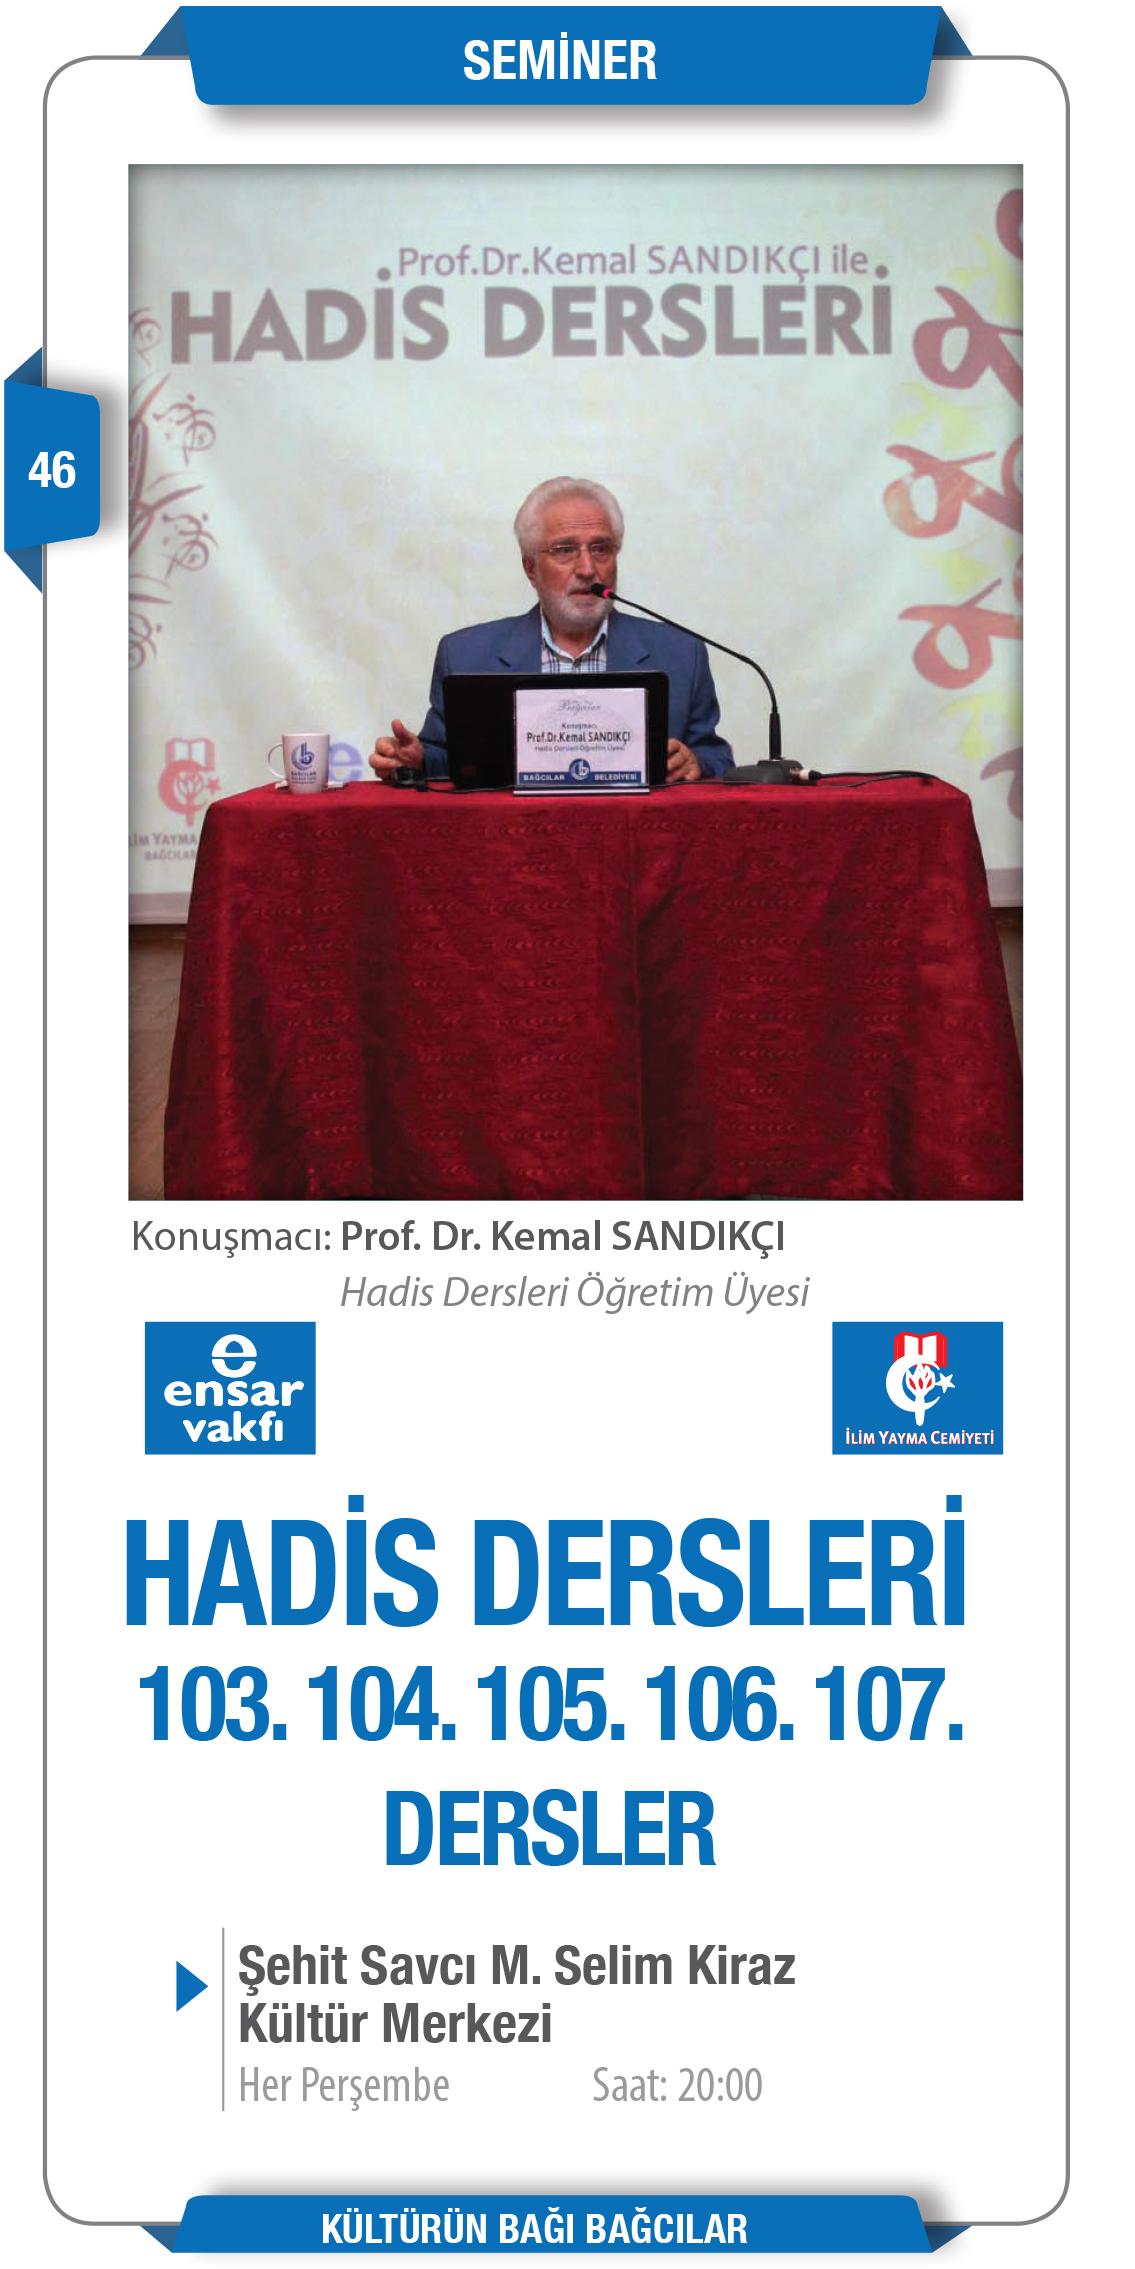 Prof. Dr. Kemal SANDIKÇI ile Hadis Dersleri